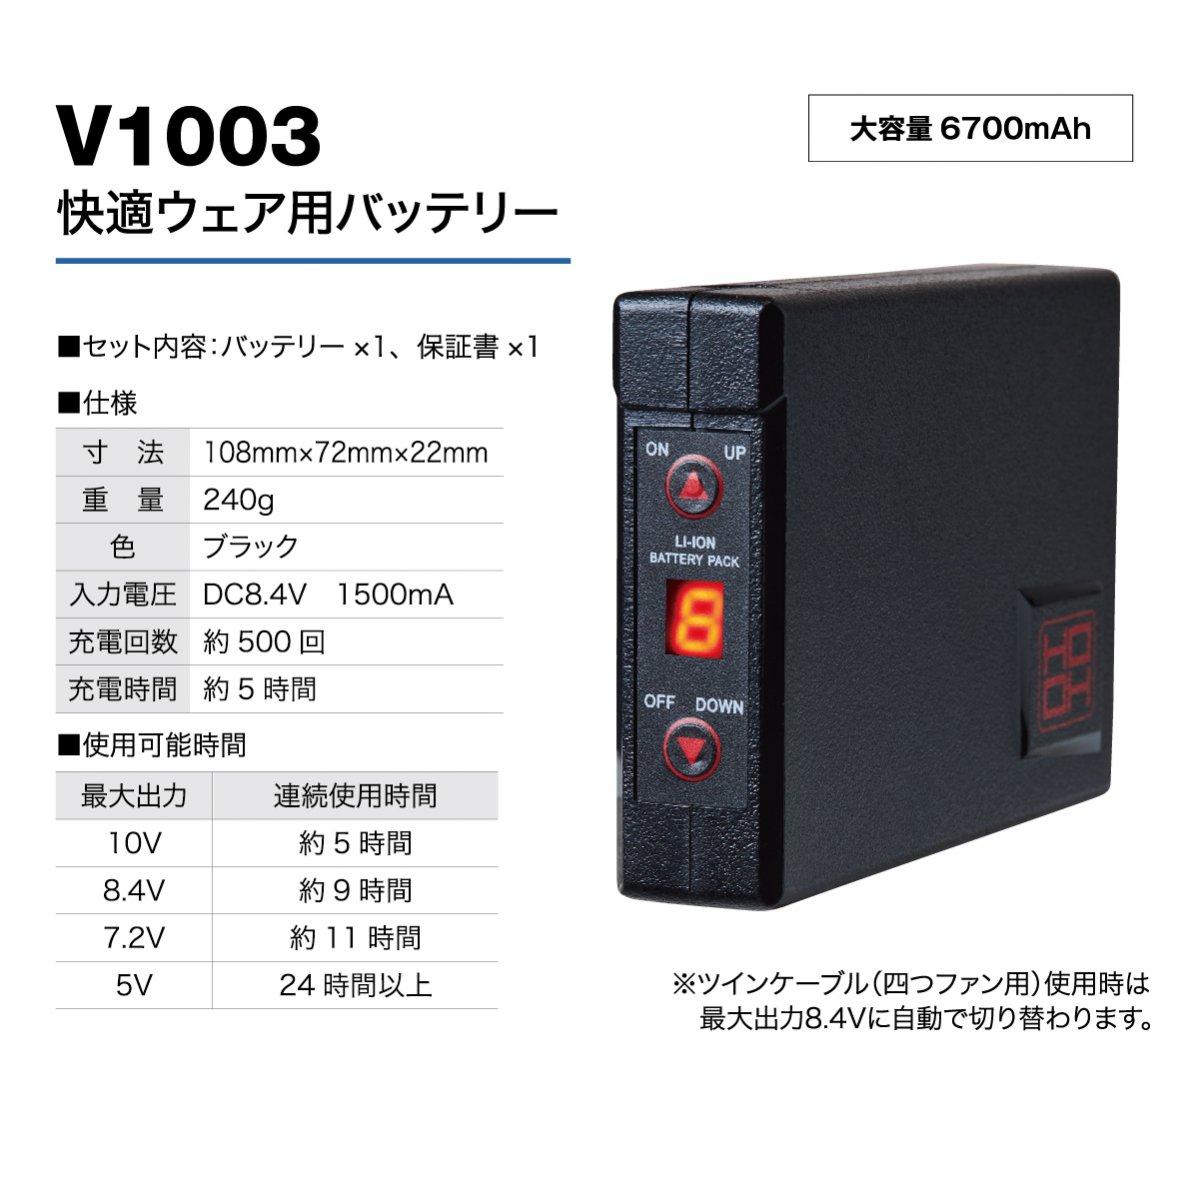 快適ウェア用バッテリー(大容量6700mAh)・快適ウェア用充電器 【画像4】